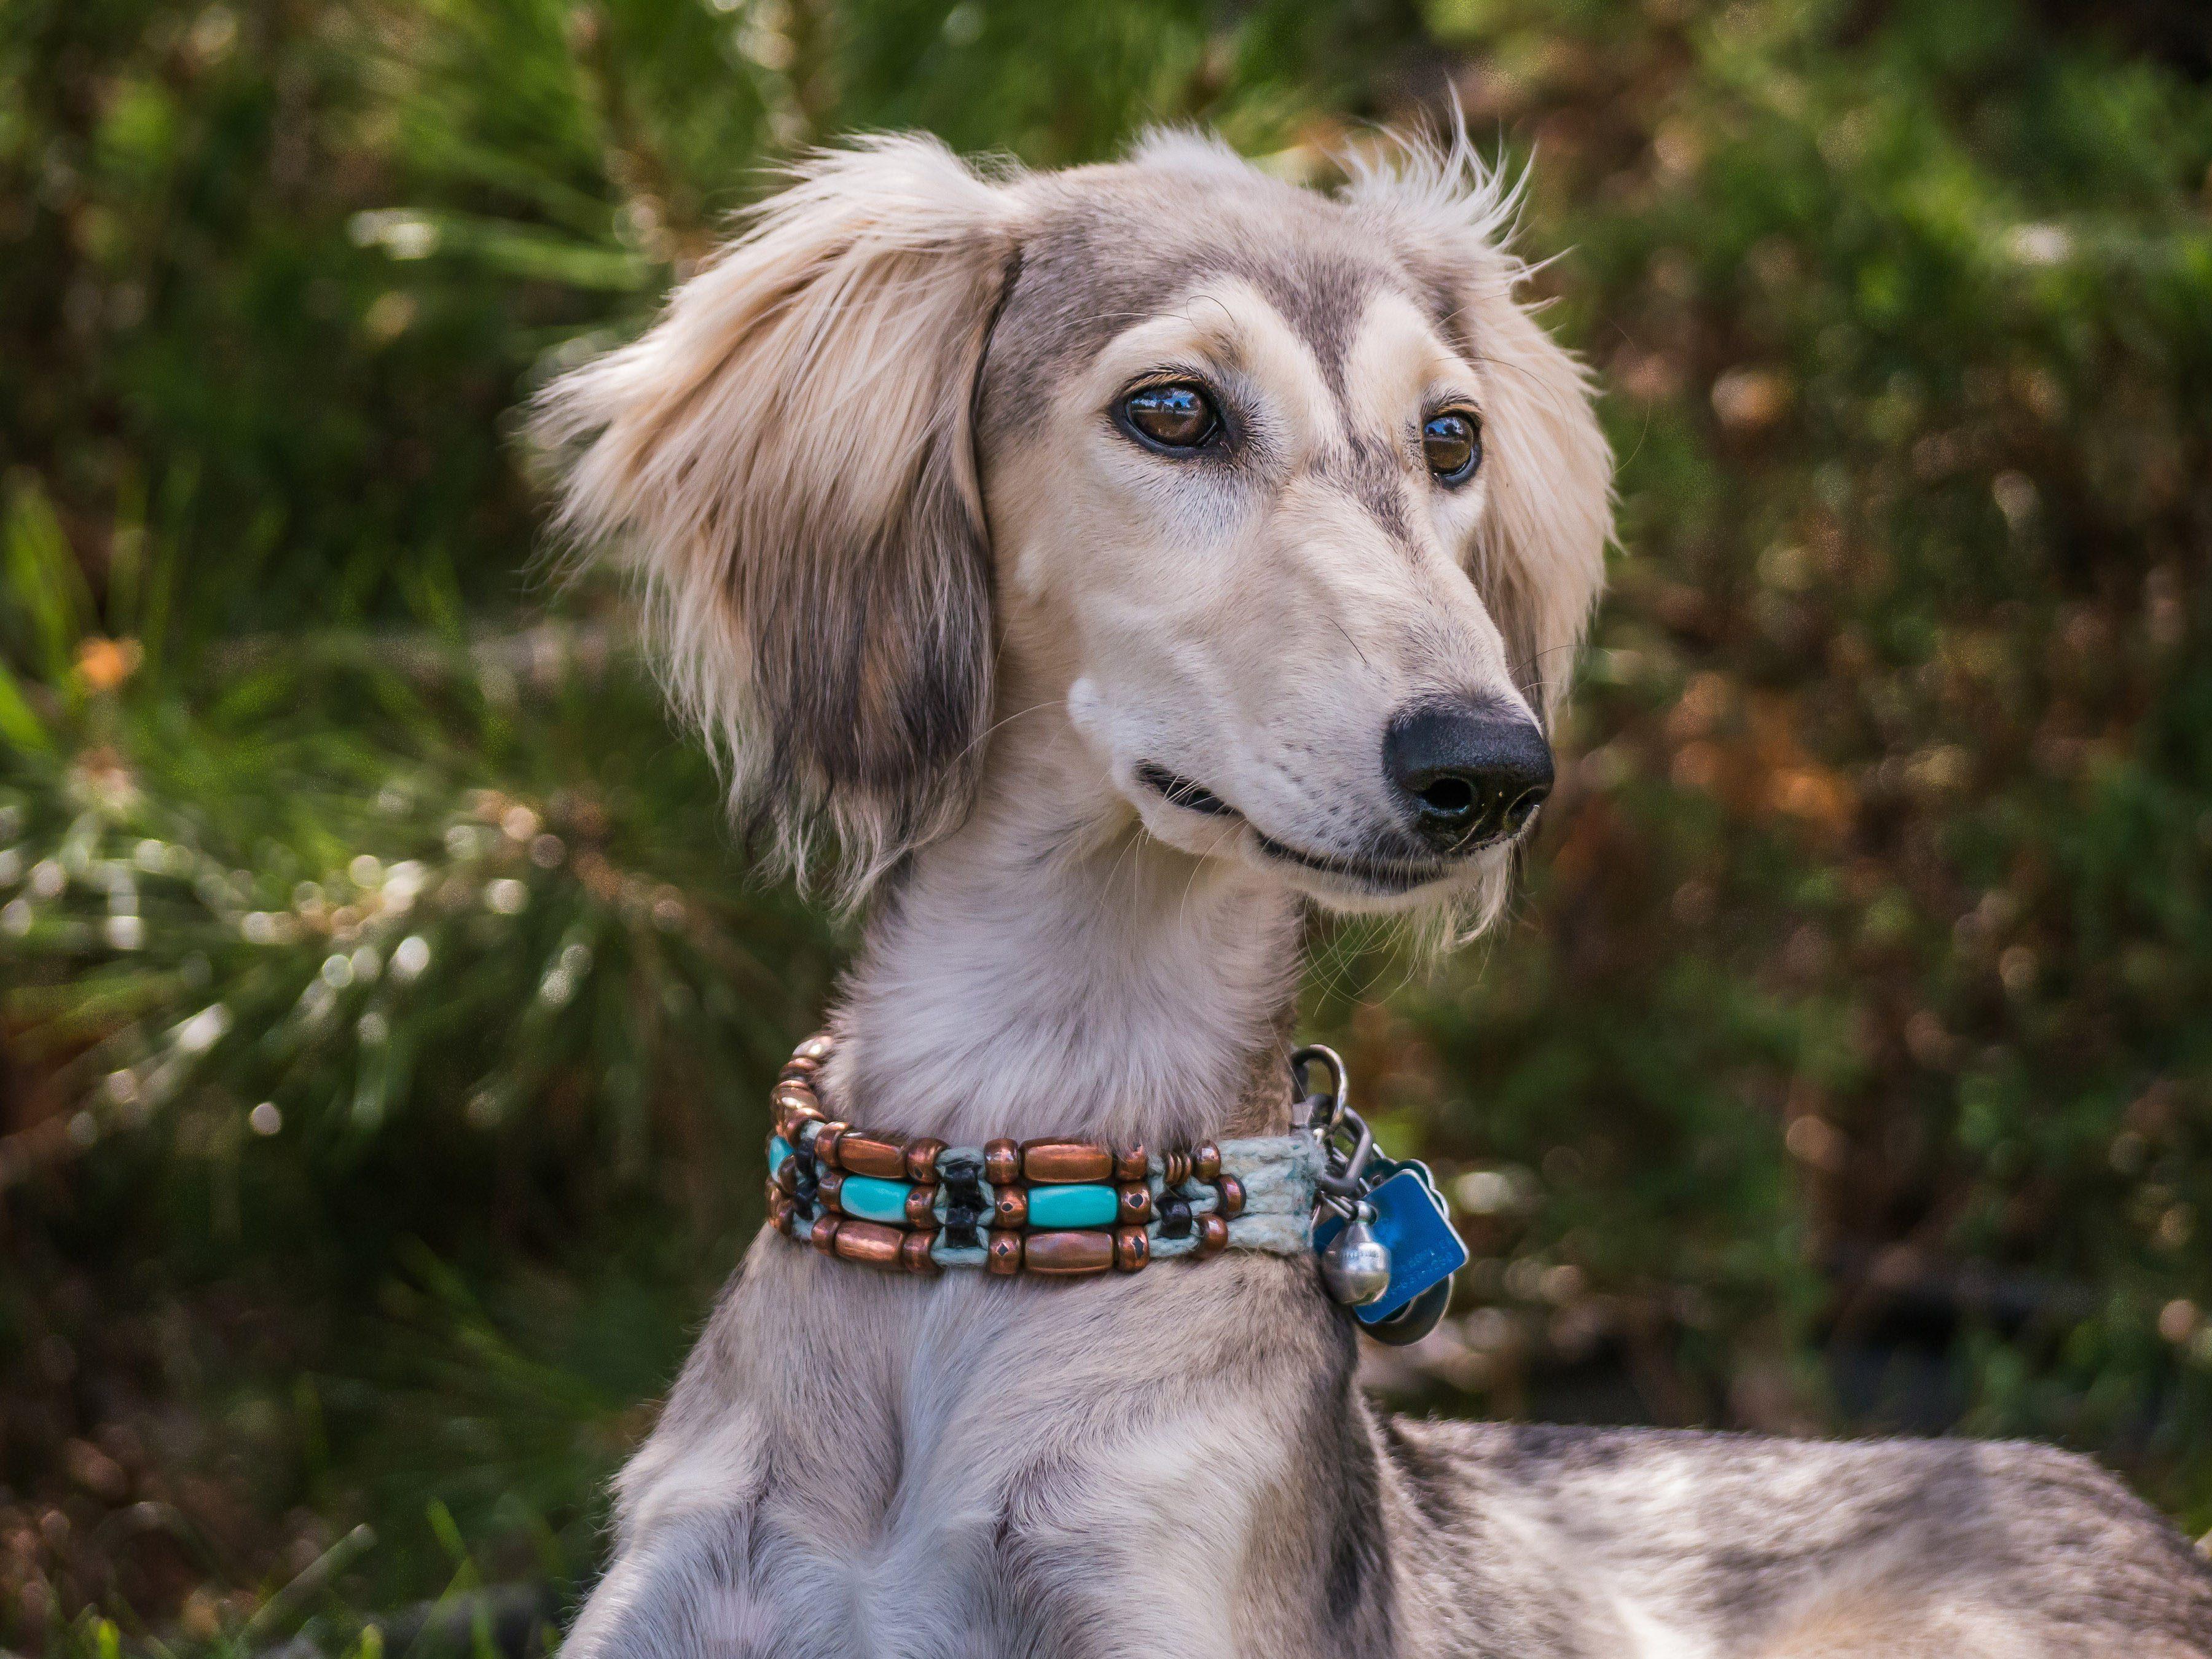 Female Saluki breed dog